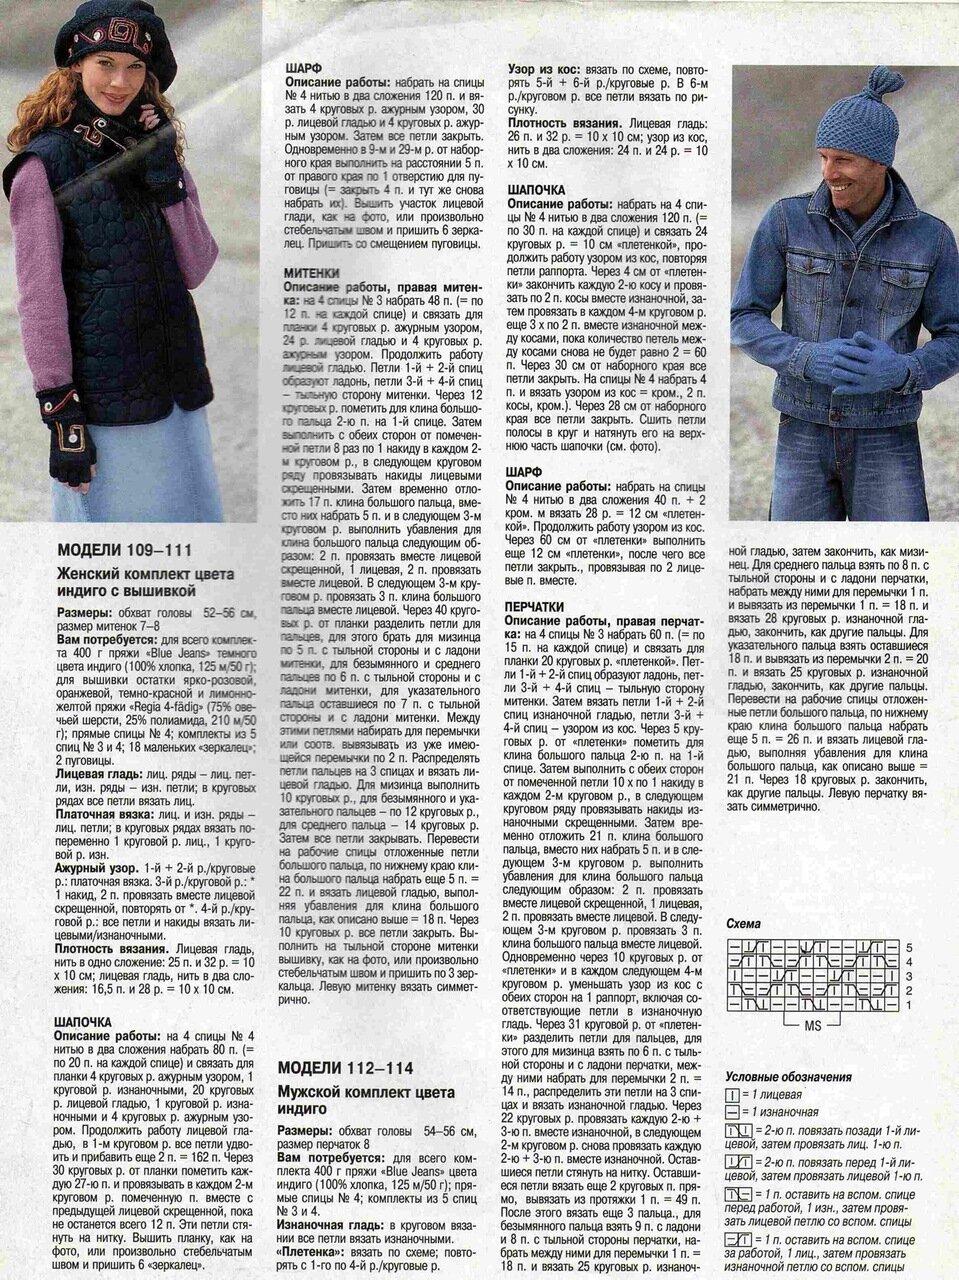 описание вязания женских, мужских аксессуаров для джинсового стиля